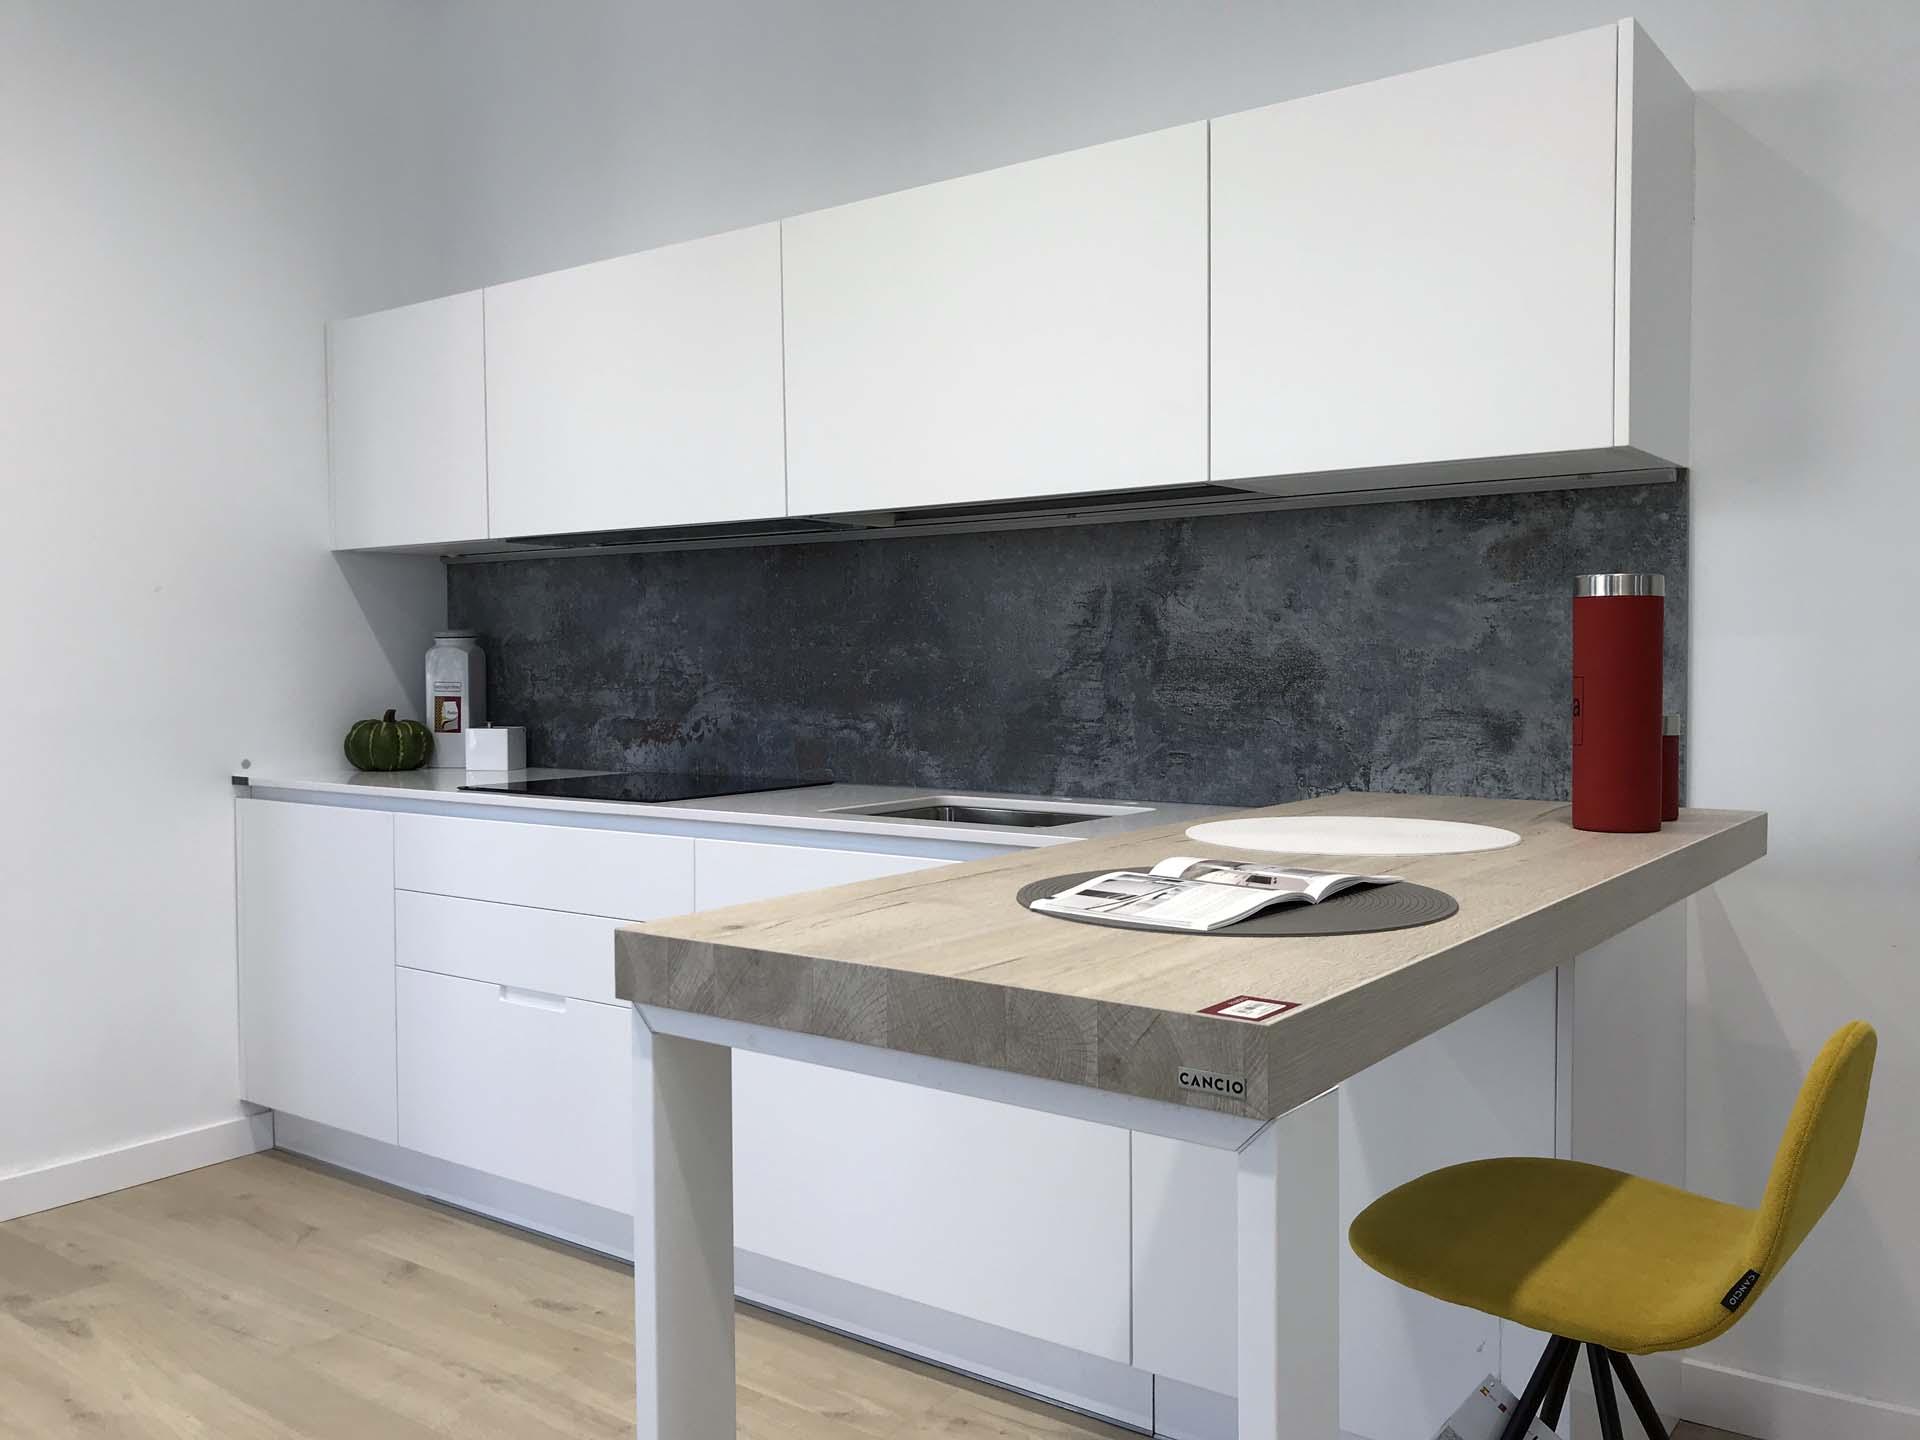 Cocina minimalista lacada blanca mate con tirador cairo - Cocina blanca mate ...